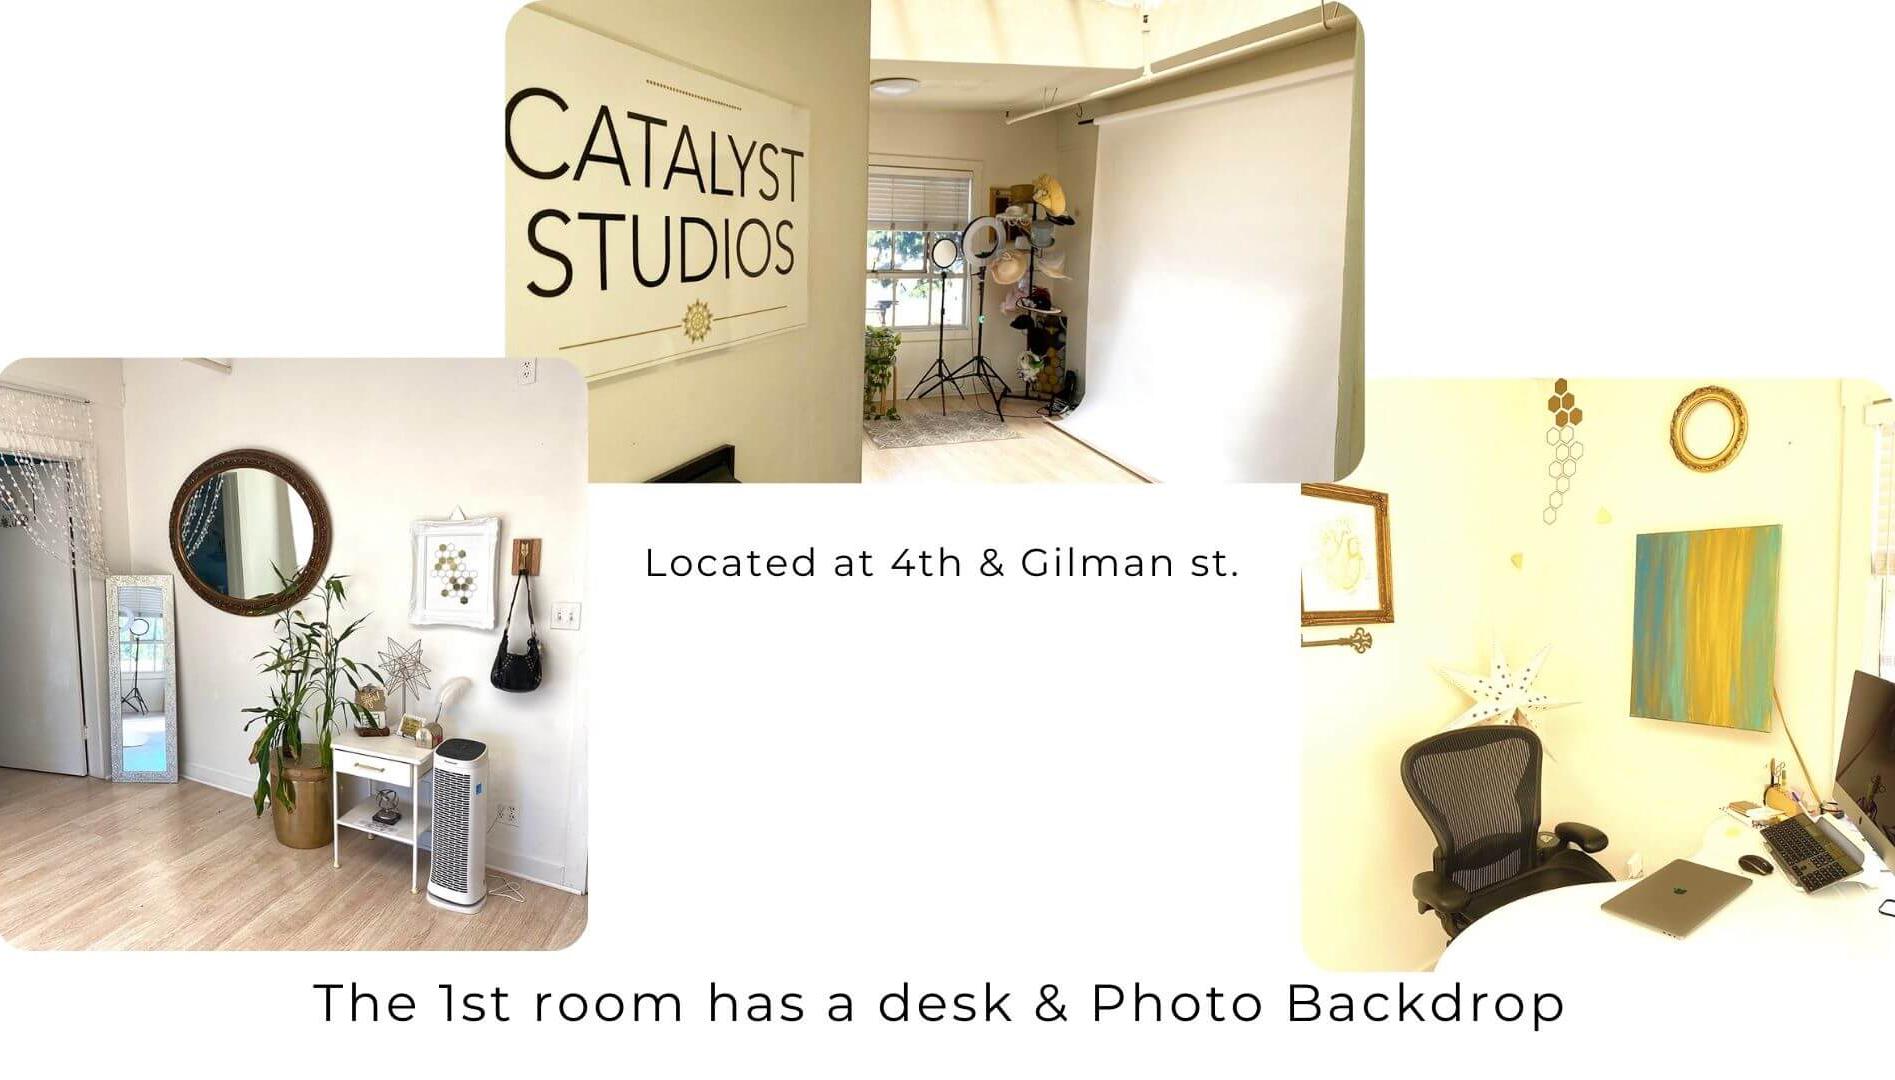 Catalyst Studios photo studio & office space in Berkeley